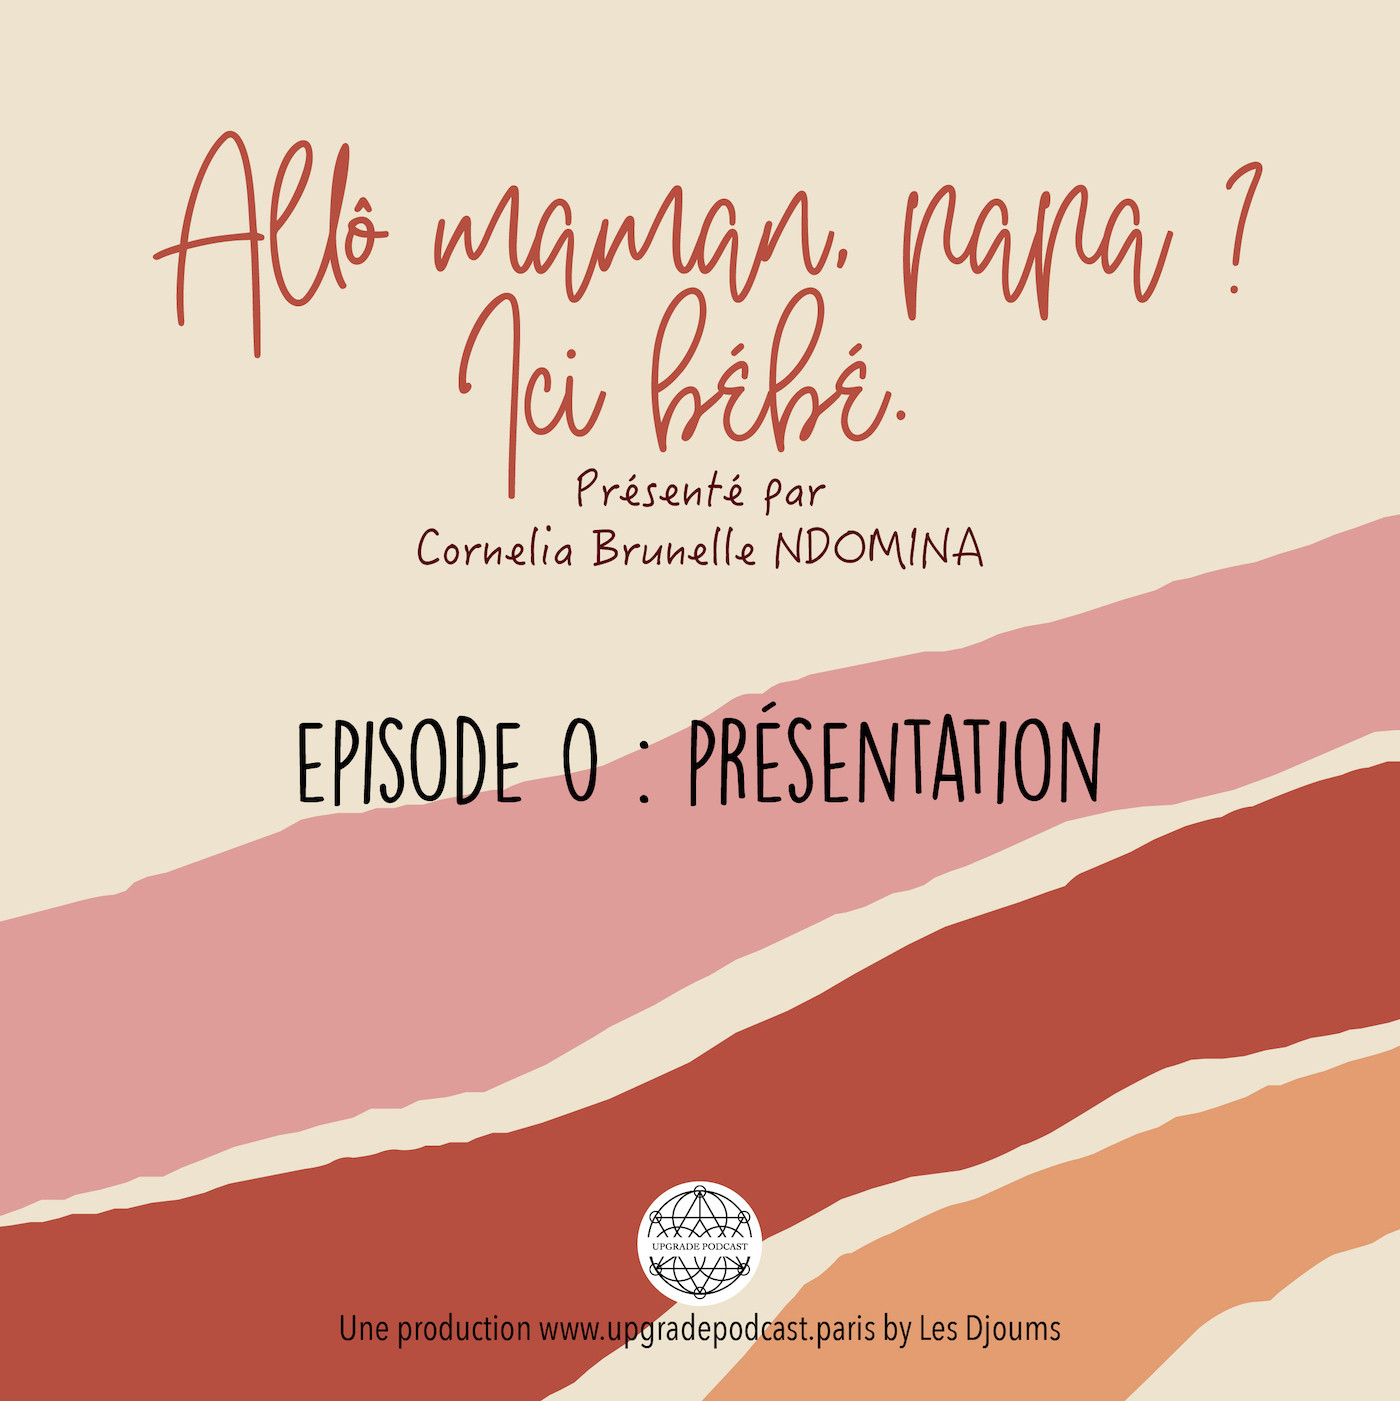 Episode 0: Présentation